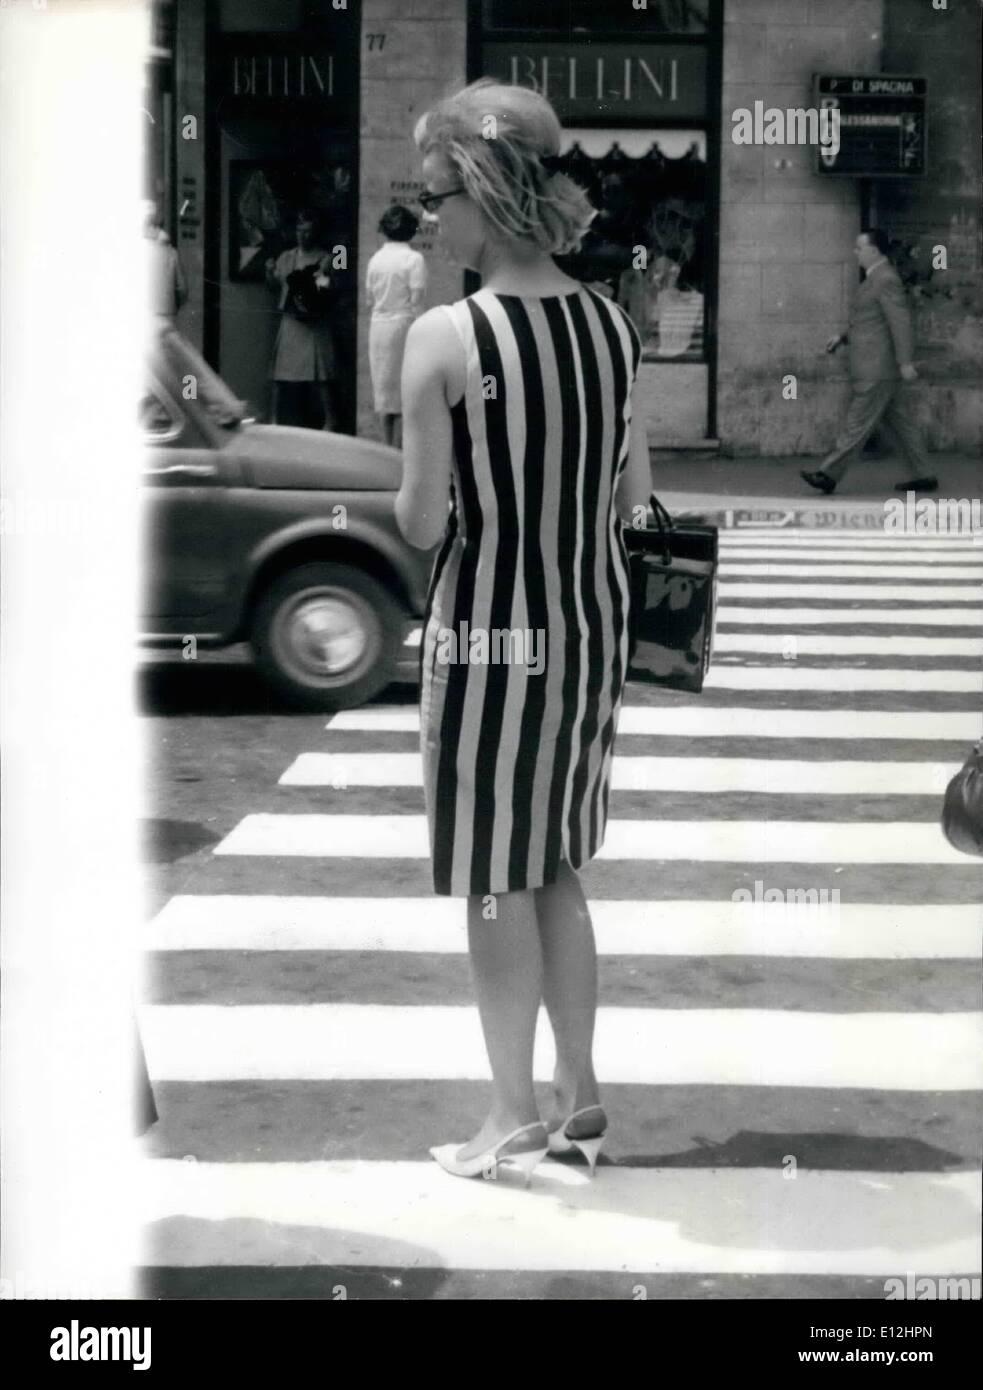 Enero 04, 2012 - Sinfonía en blanco y negro: el blanco y negro rayas de este vestido señorita hace contraste en el pasaje peatonal seccionado en Piazza Di Spagnanseen esta mañana durante la caminata en la hermosa y colorida plaza. Imagen De Stock